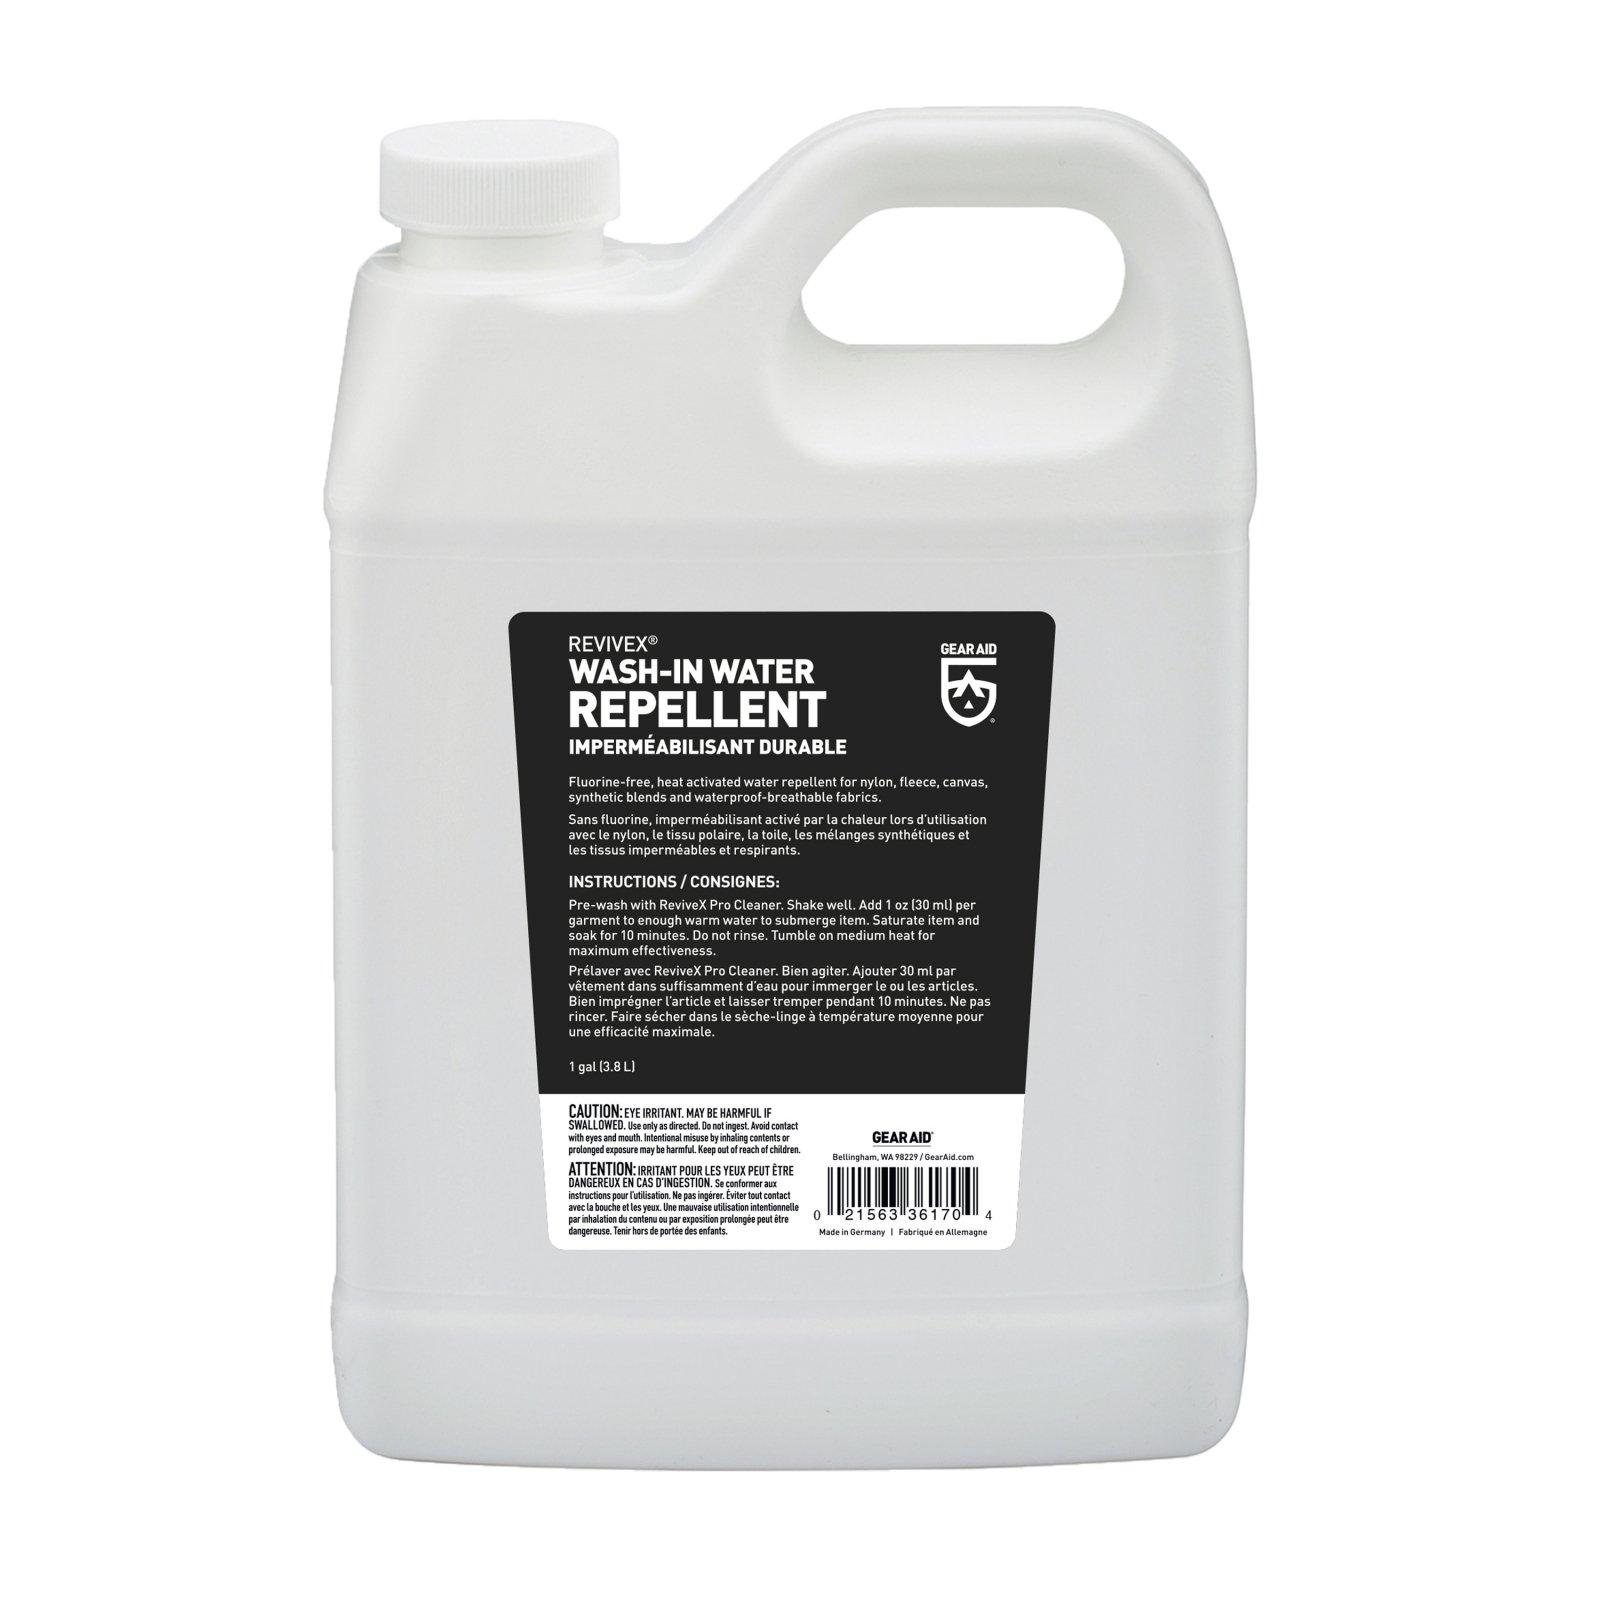 Revivex Wash In Water Repellent Waterproof Fluid Non-toxic - 1 Gallon